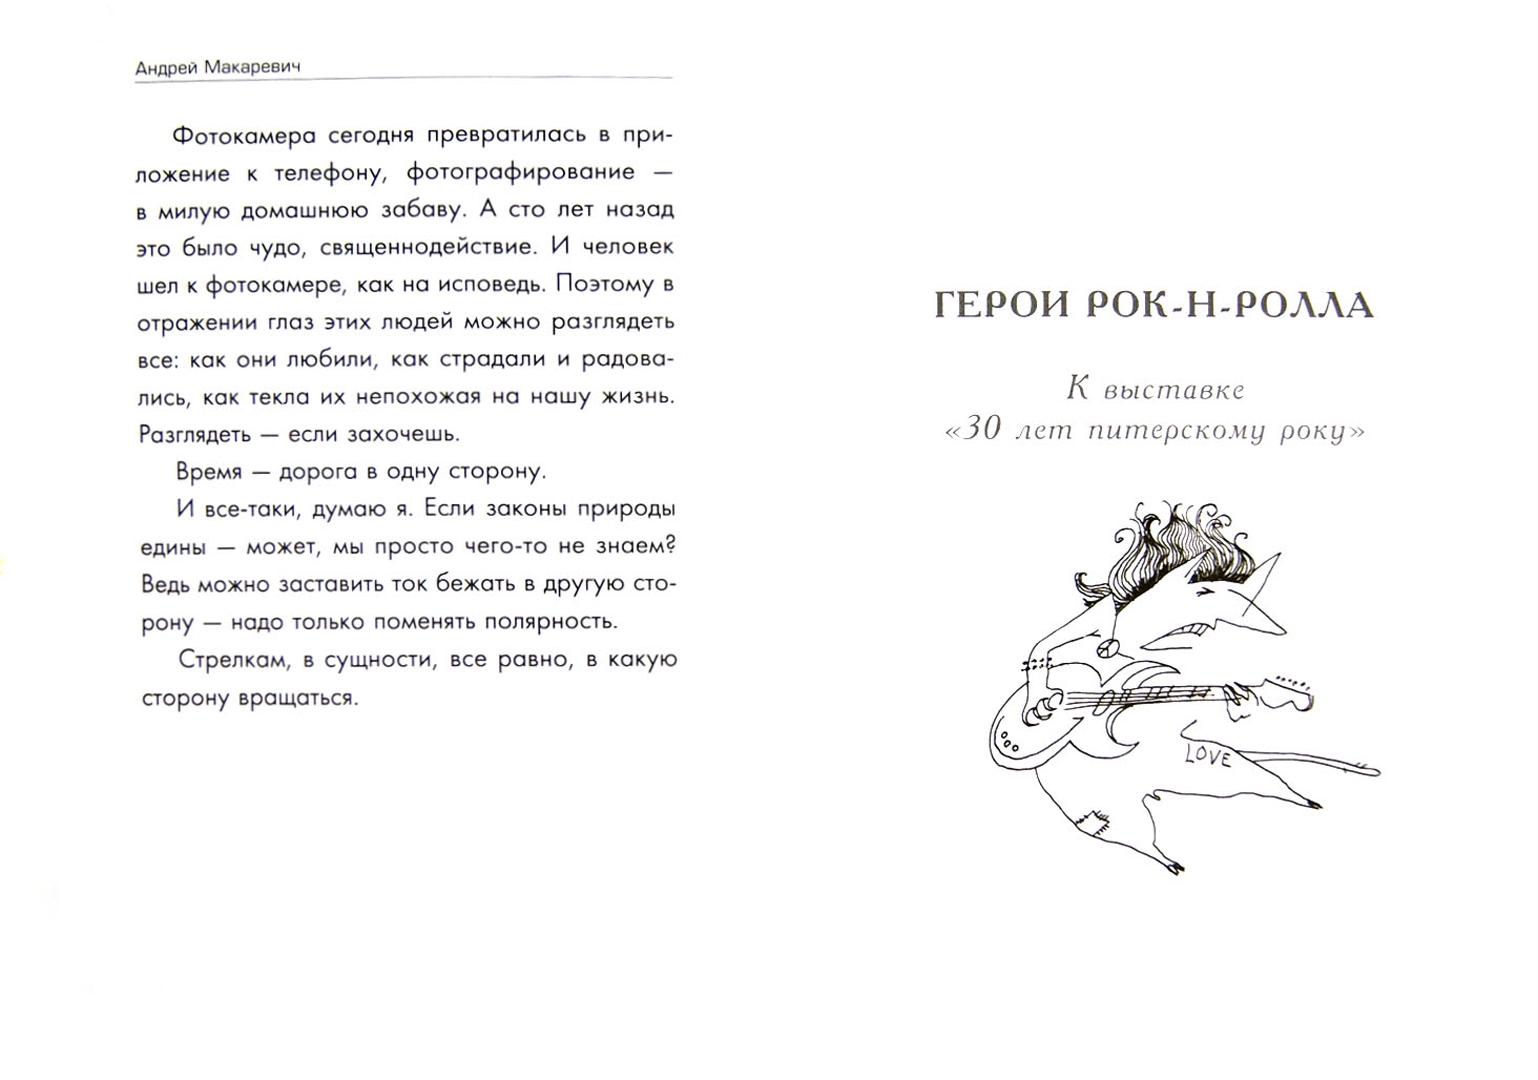 Иллюстрация 1 из 17 для Живые истории - Андрей Макаревич | Лабиринт - книги. Источник: Лабиринт